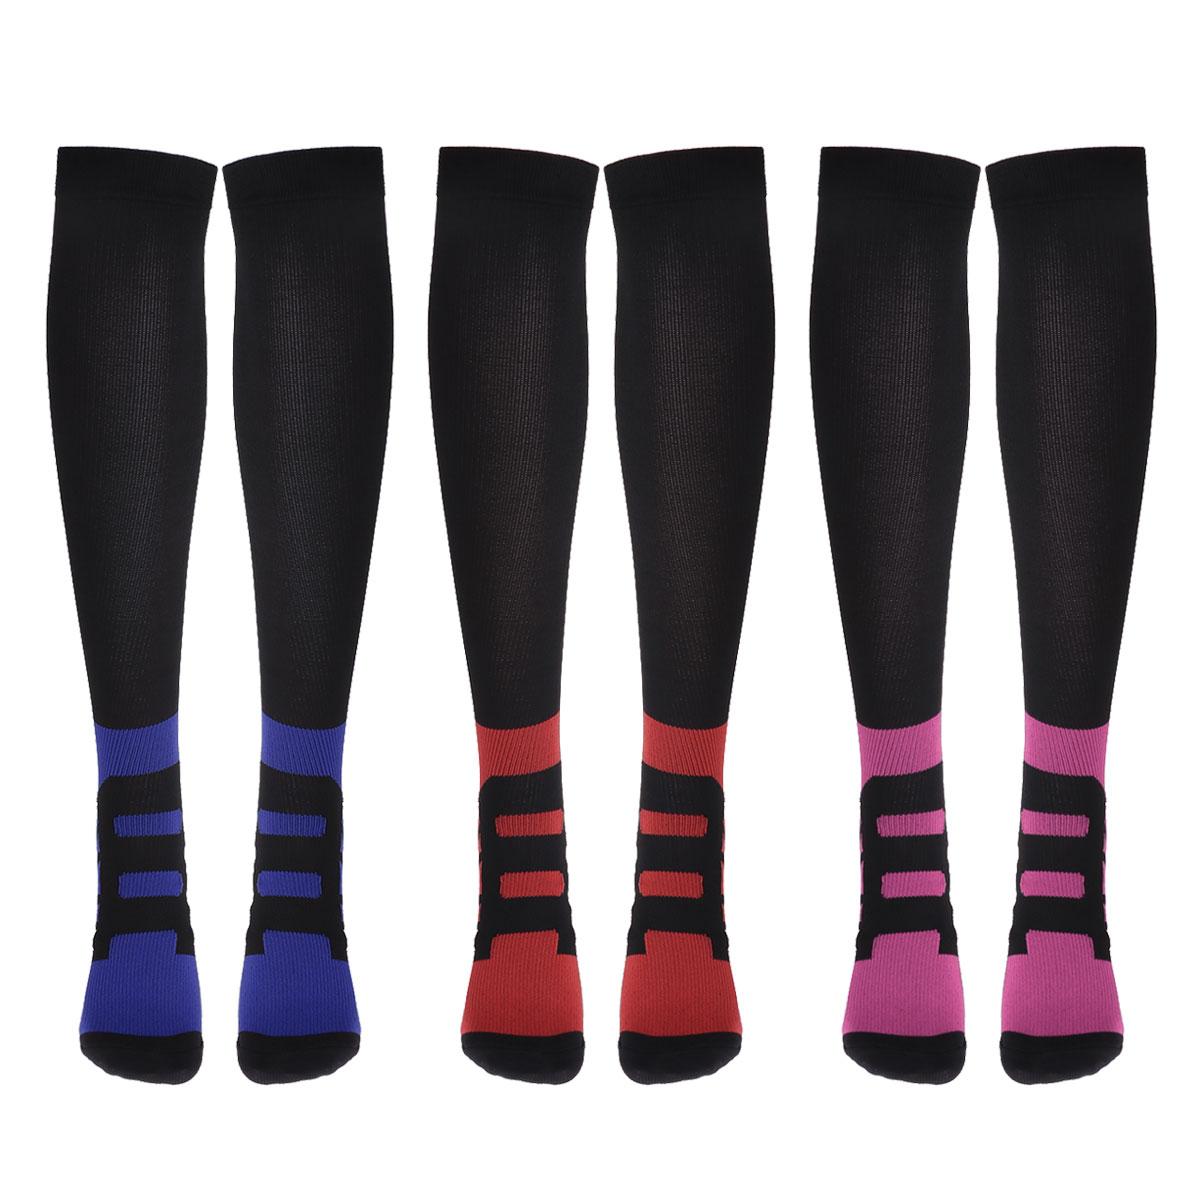 7ec40adda22 2019 Mixed Color Compression Socks Men Women Sports Running ...